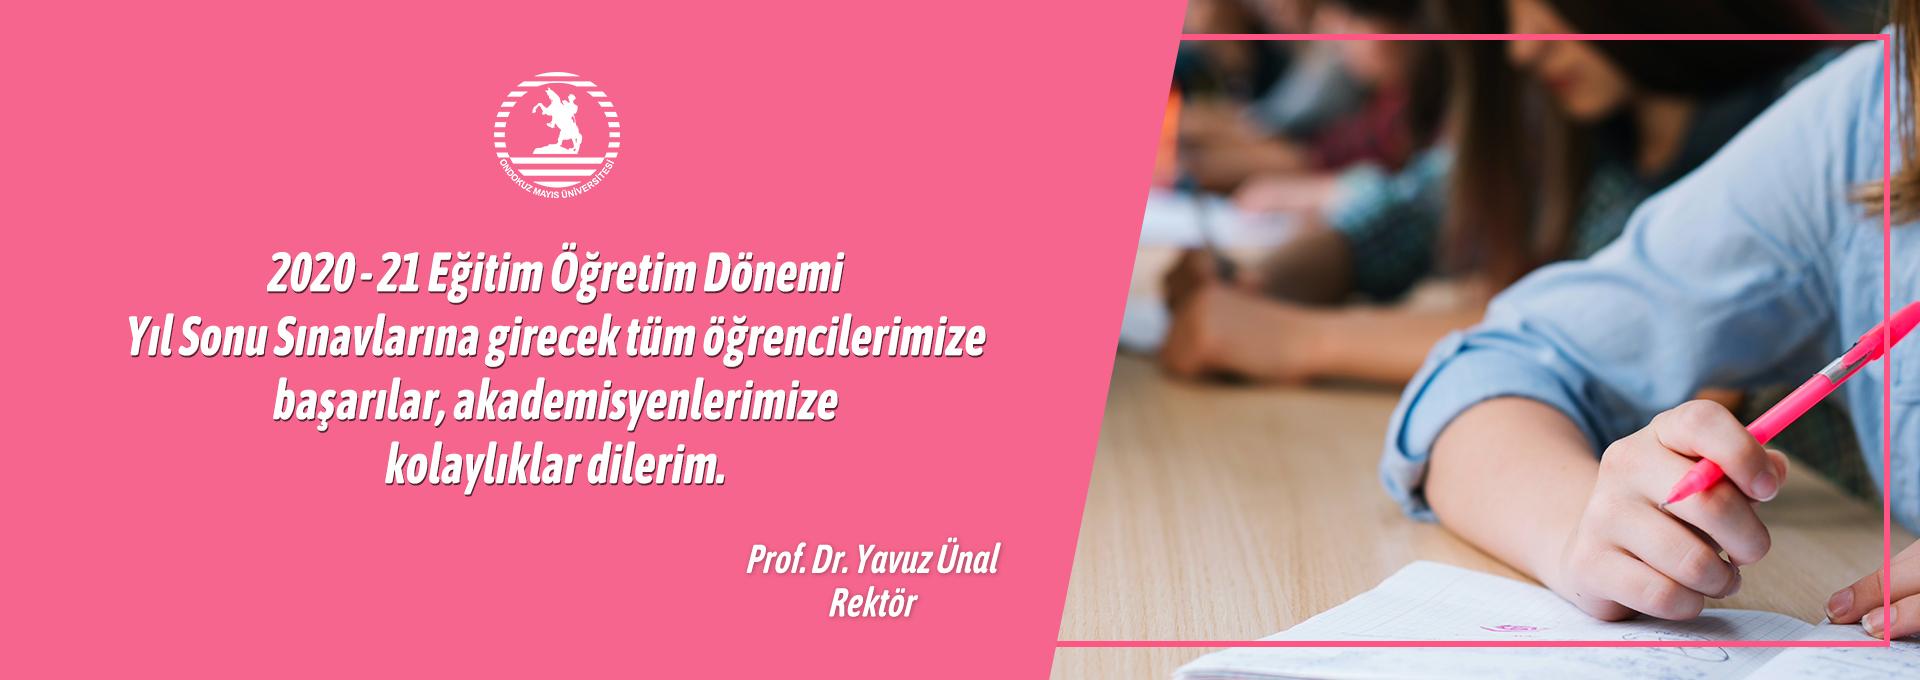 Rektör  Prof. Dr. Ünal, Yıl Sonu Sınavlarında Öğrencilerimize Başarılar Akademisyenlerimize Kolaylıklar Dilerim